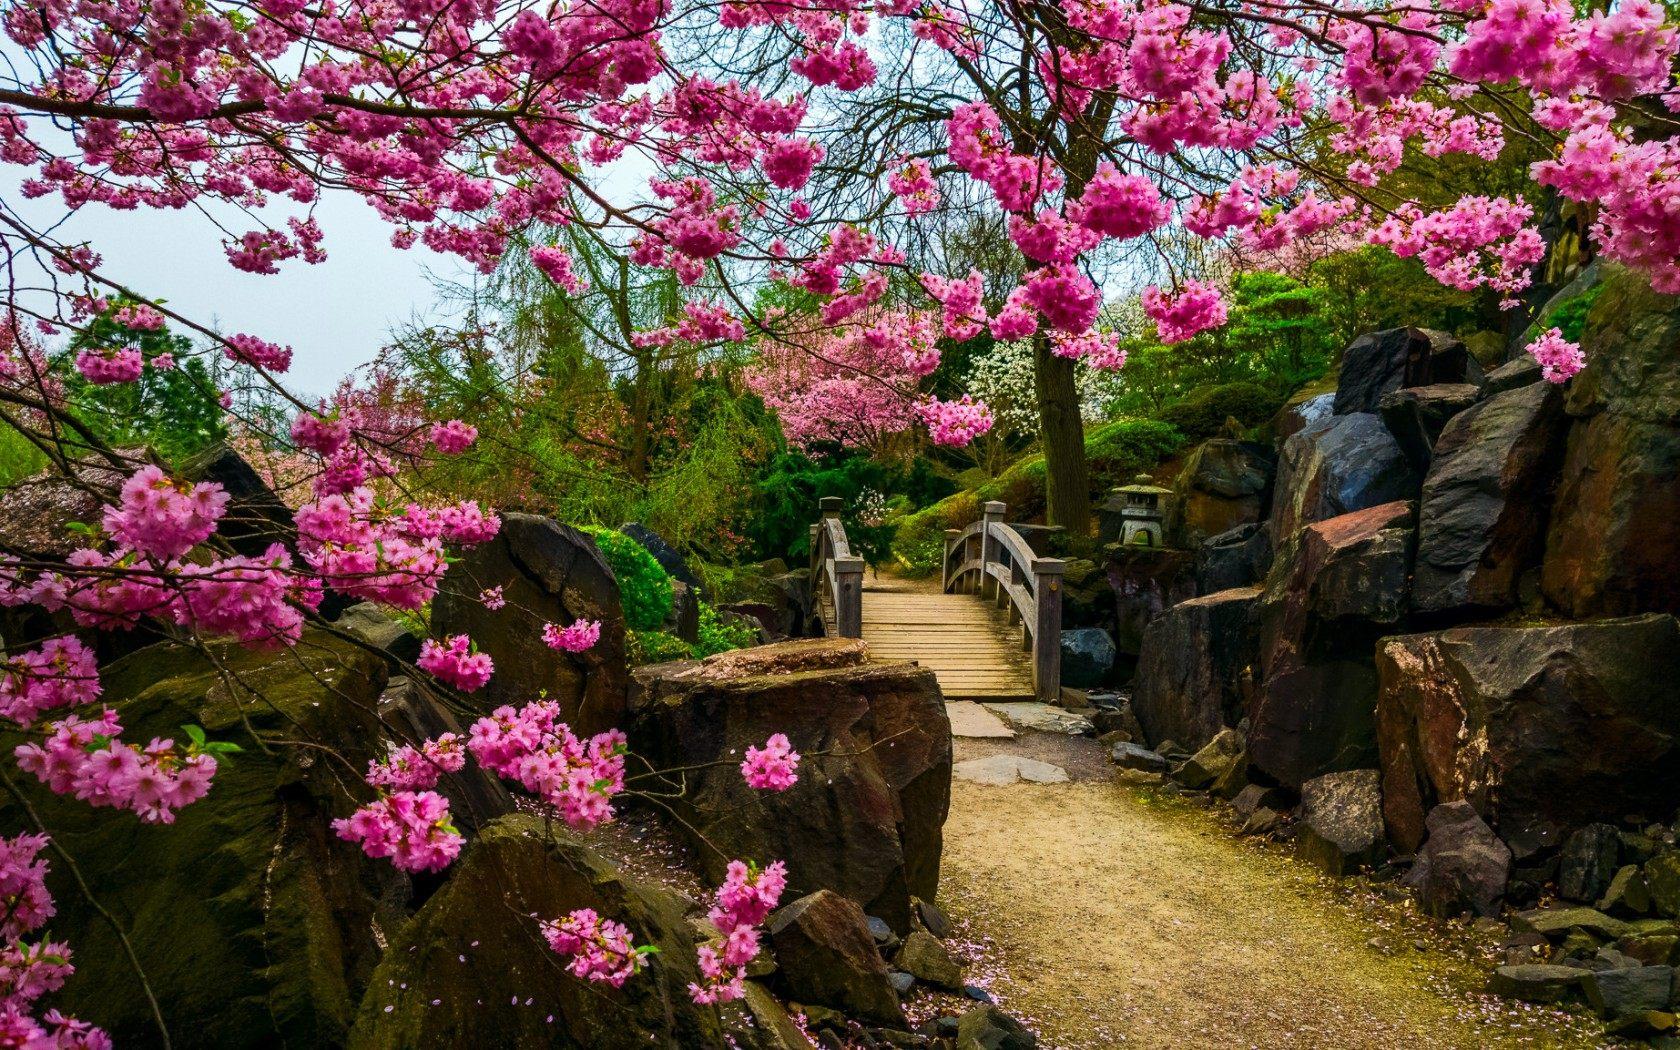 درخت با شکوفه